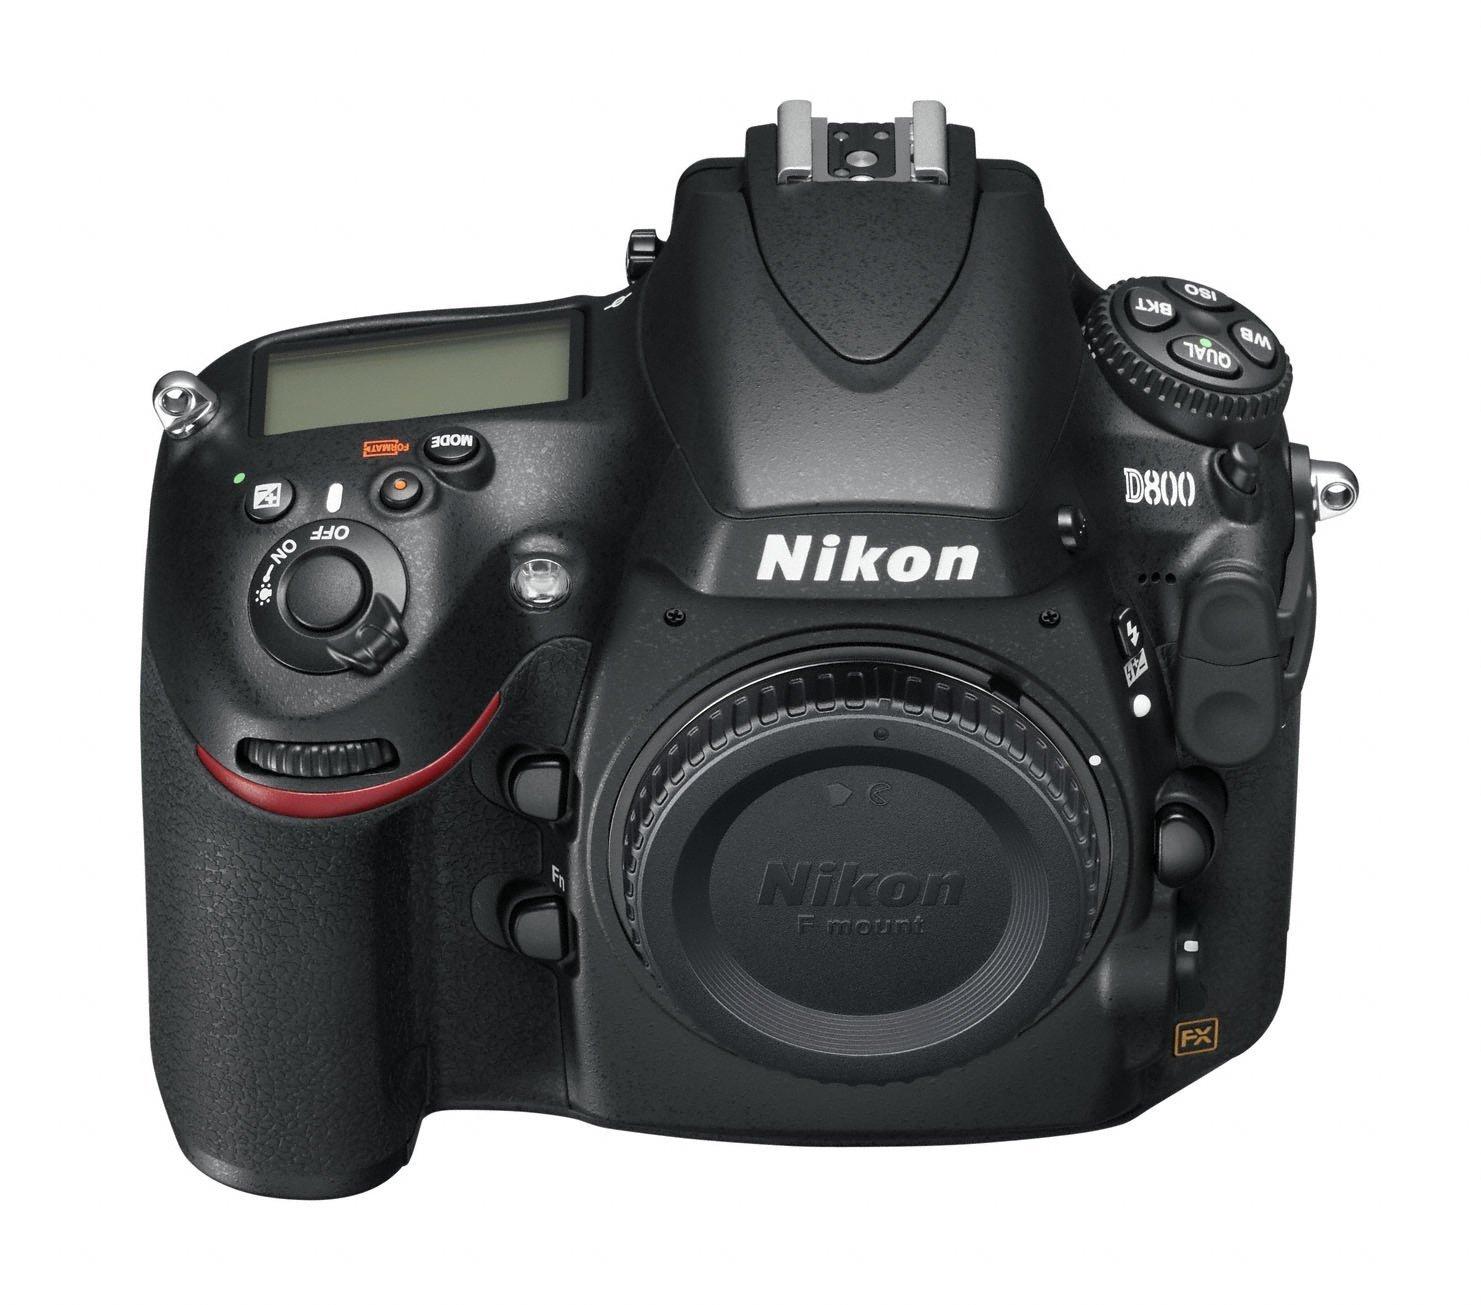 Test du Nikon D810 DSLR, un des meilleurs appareils photo non professionnel